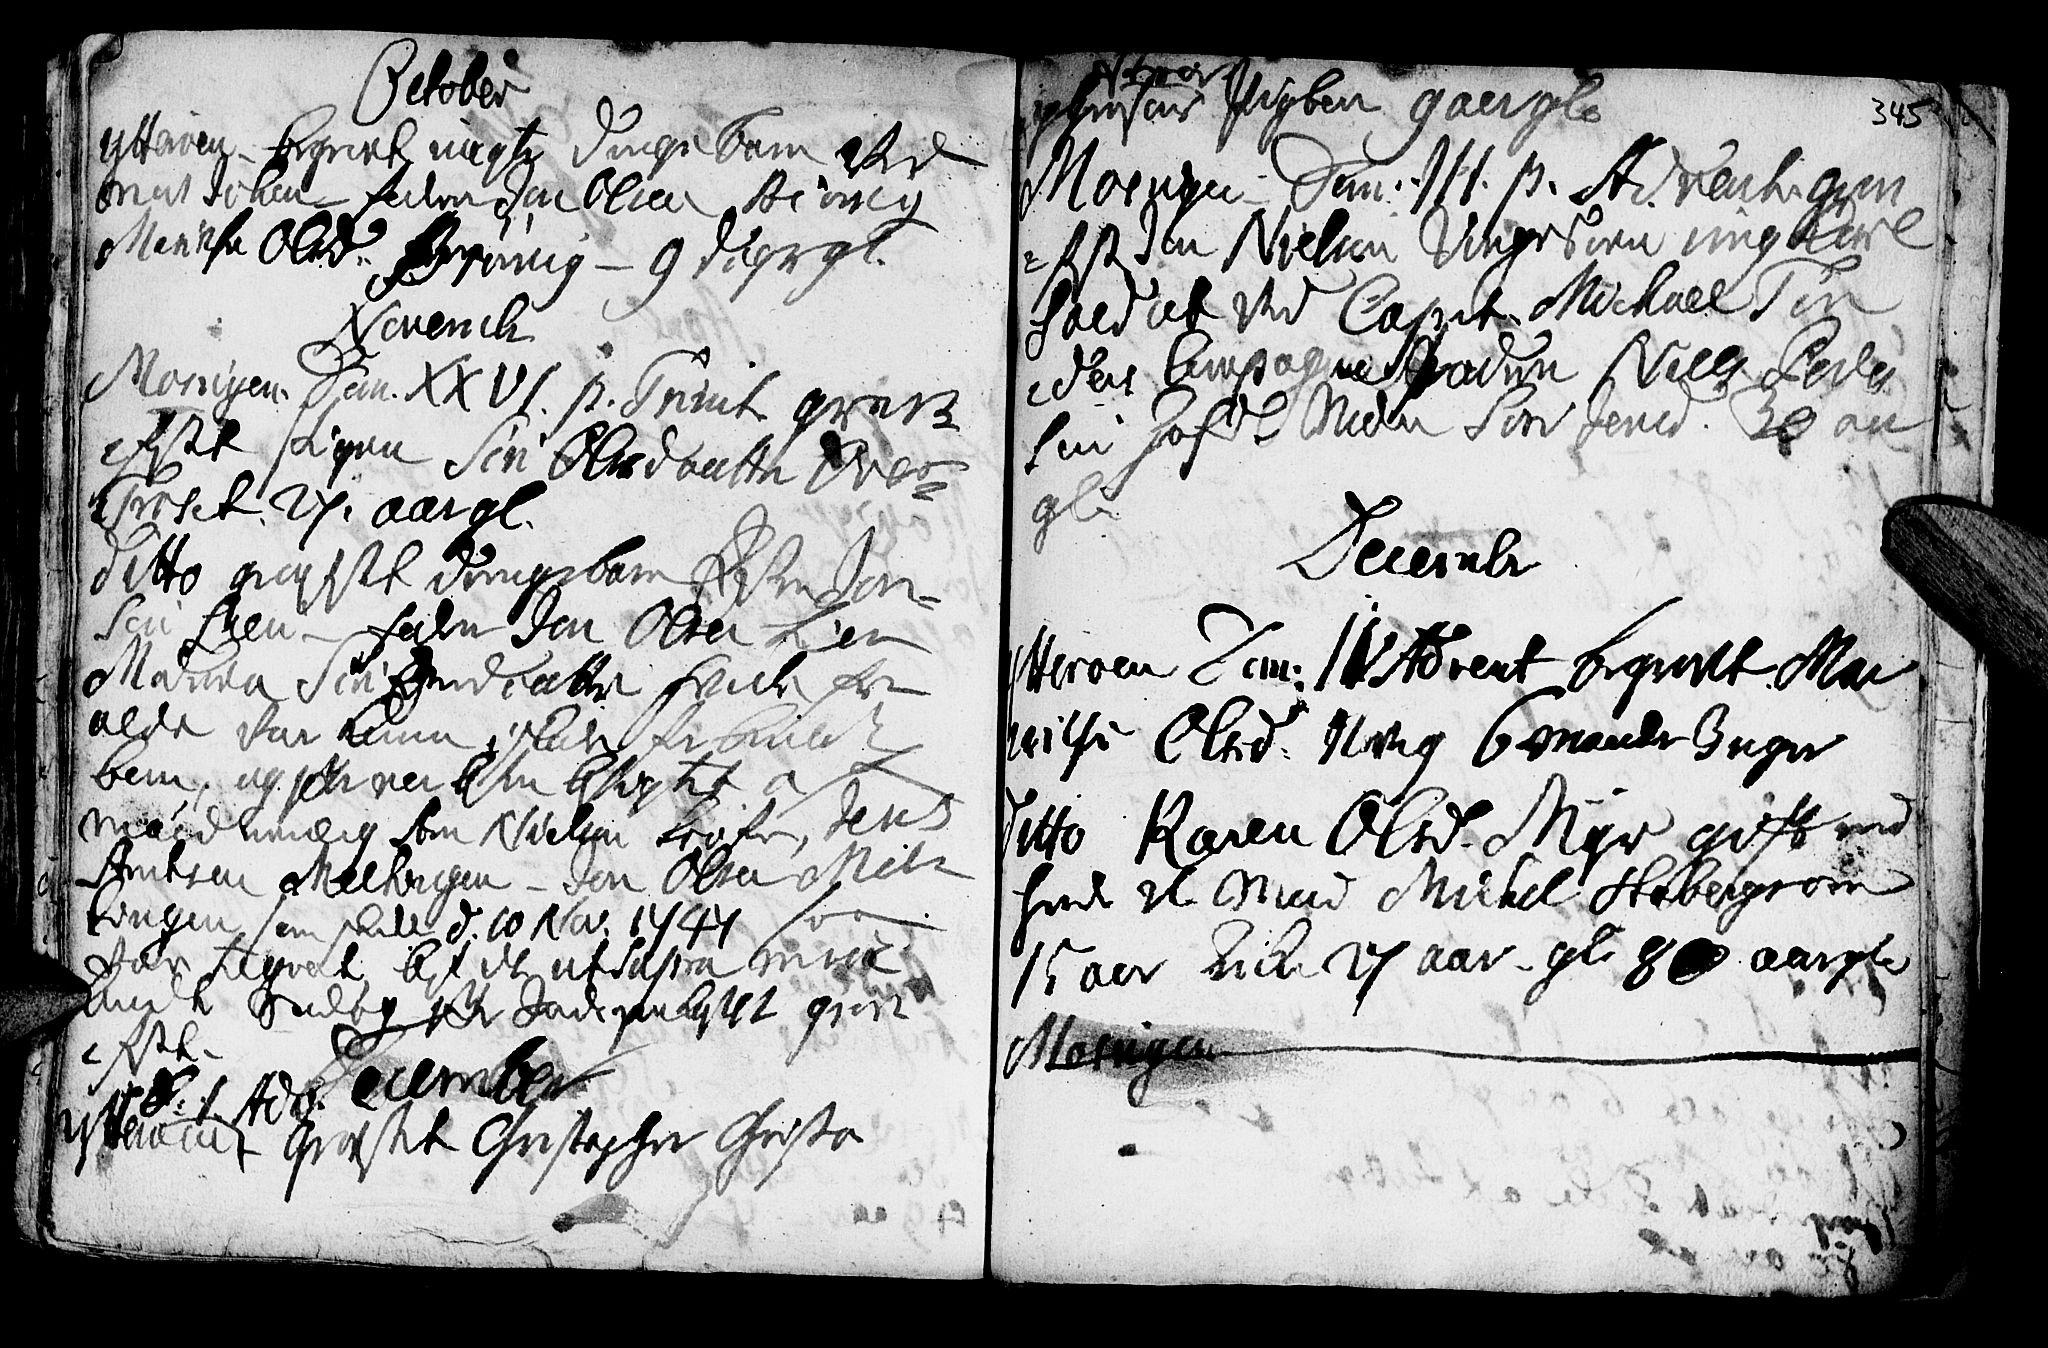 SAT, Ministerialprotokoller, klokkerbøker og fødselsregistre - Nord-Trøndelag, 722/L0215: Ministerialbok nr. 722A02, 1718-1755, s. 345